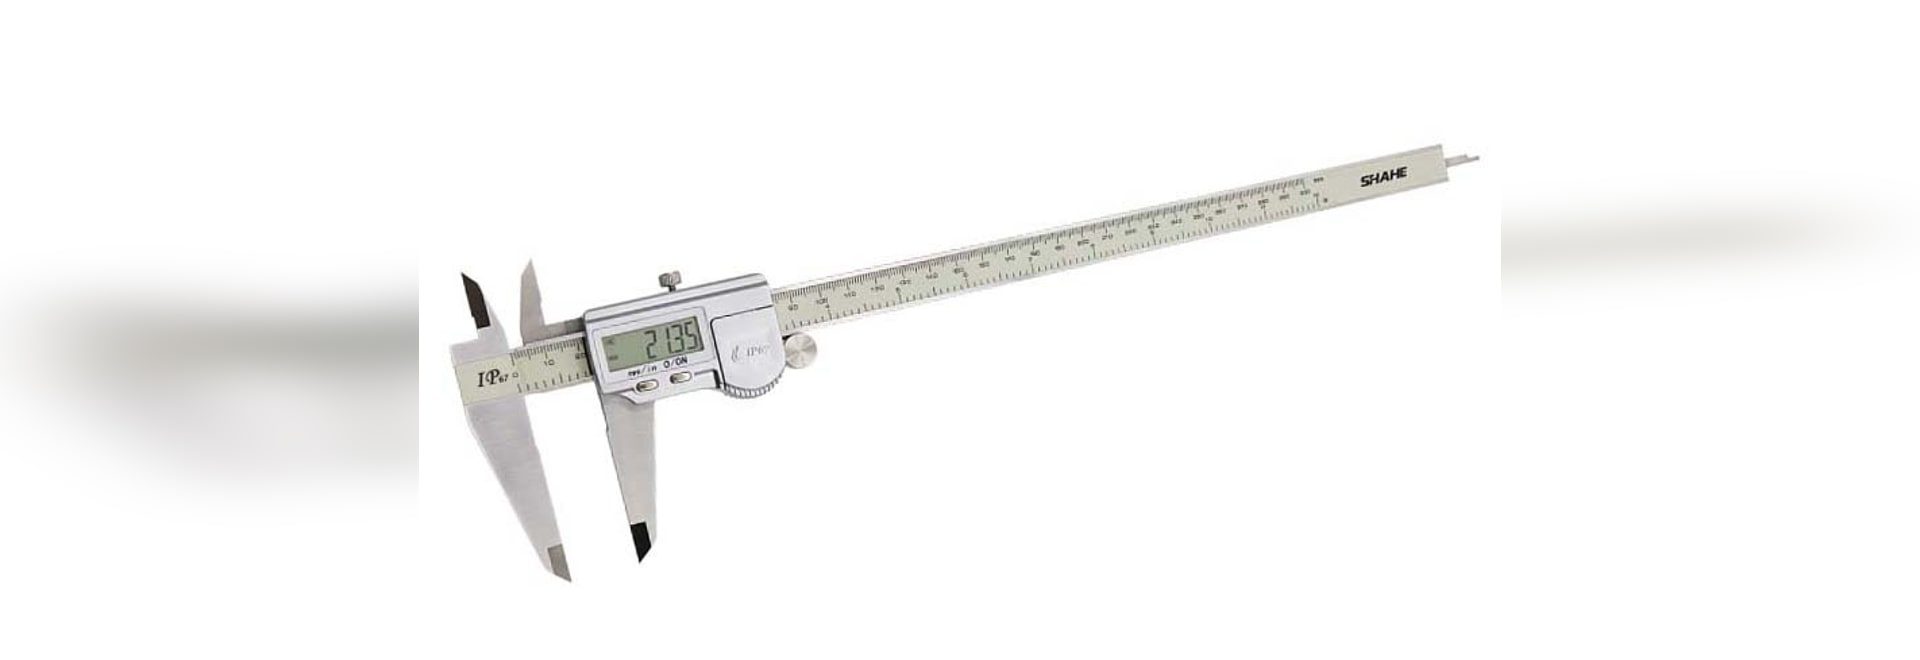 Calibre IP67 de SHAHE/5111-300 0-300mm 0.01mm ±0.04mm/Digital